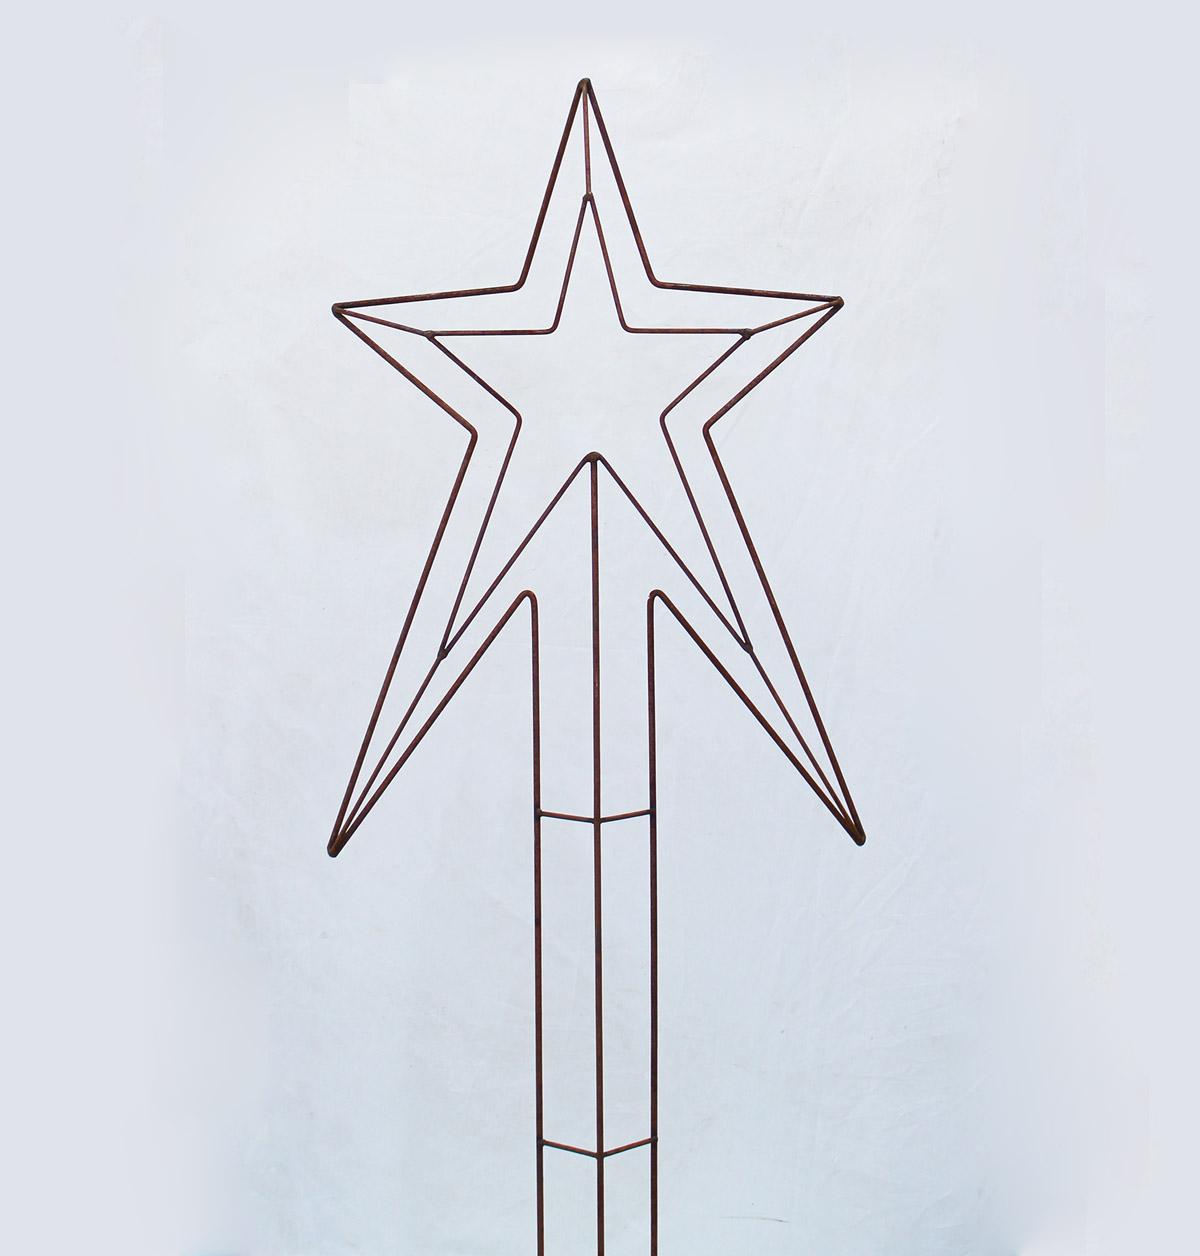 Sternstecker dekor garten for Dekor garten schirrle